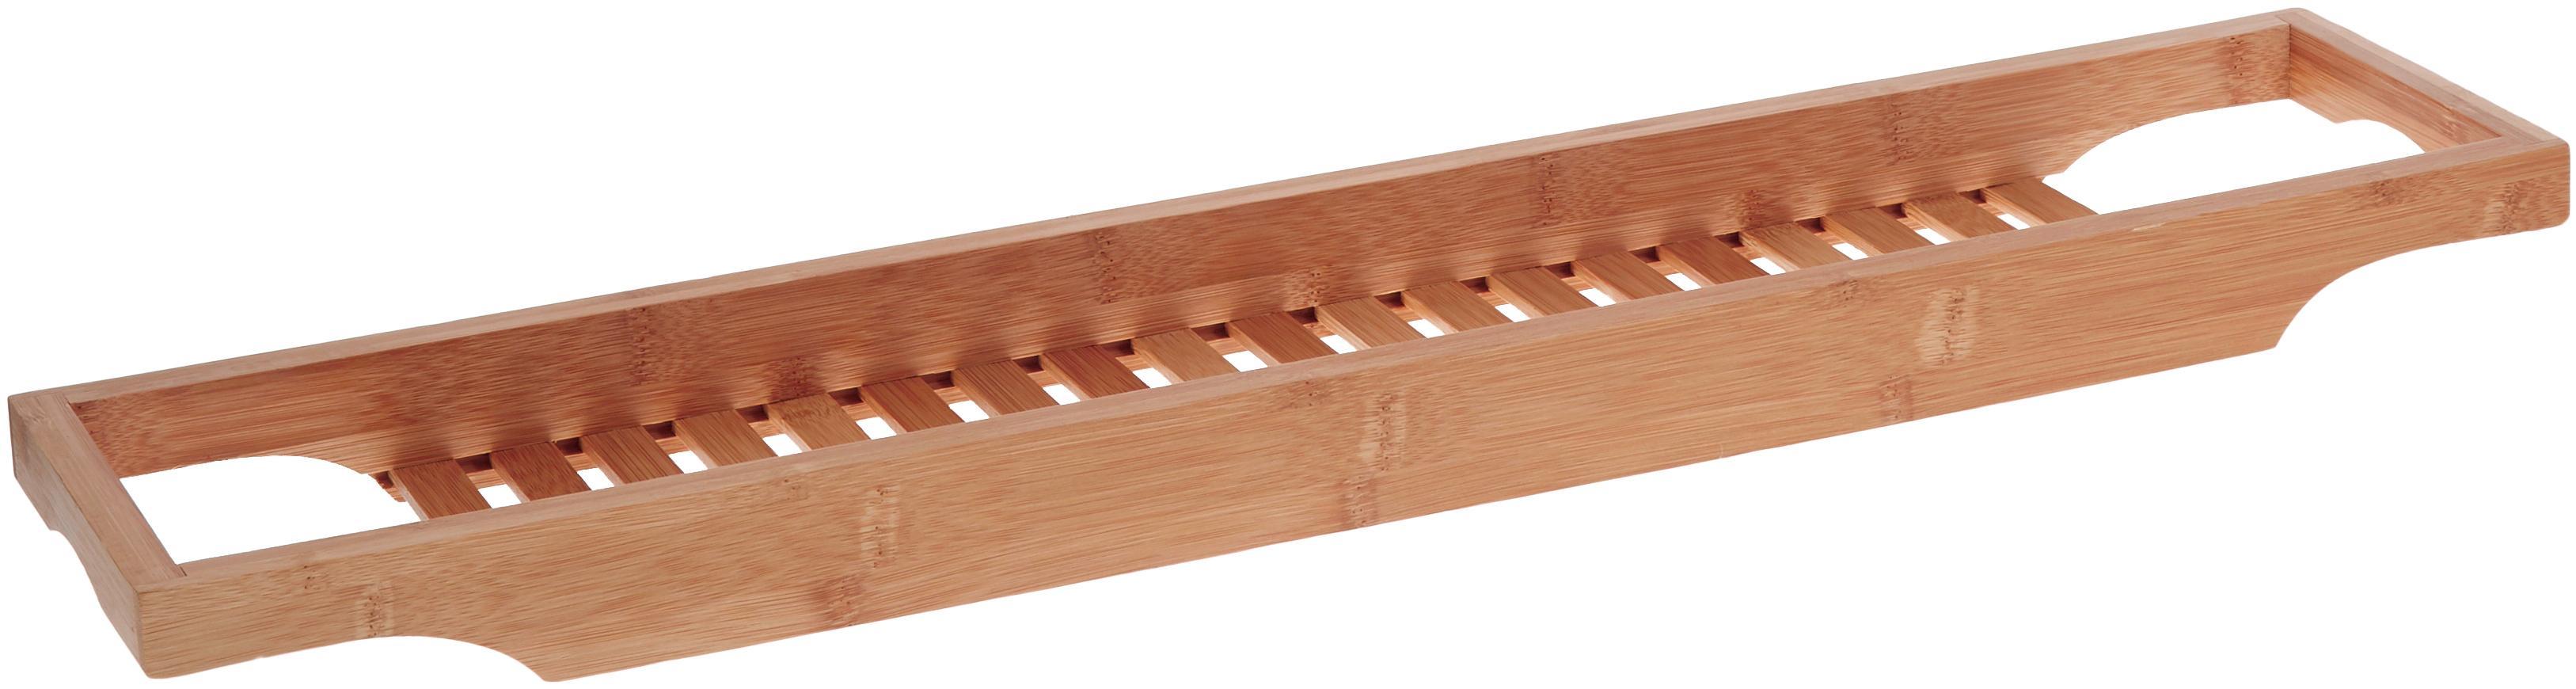 Badplank Bambel van bamboehout, Bamboehout, Bruin, 70 x 5 cm